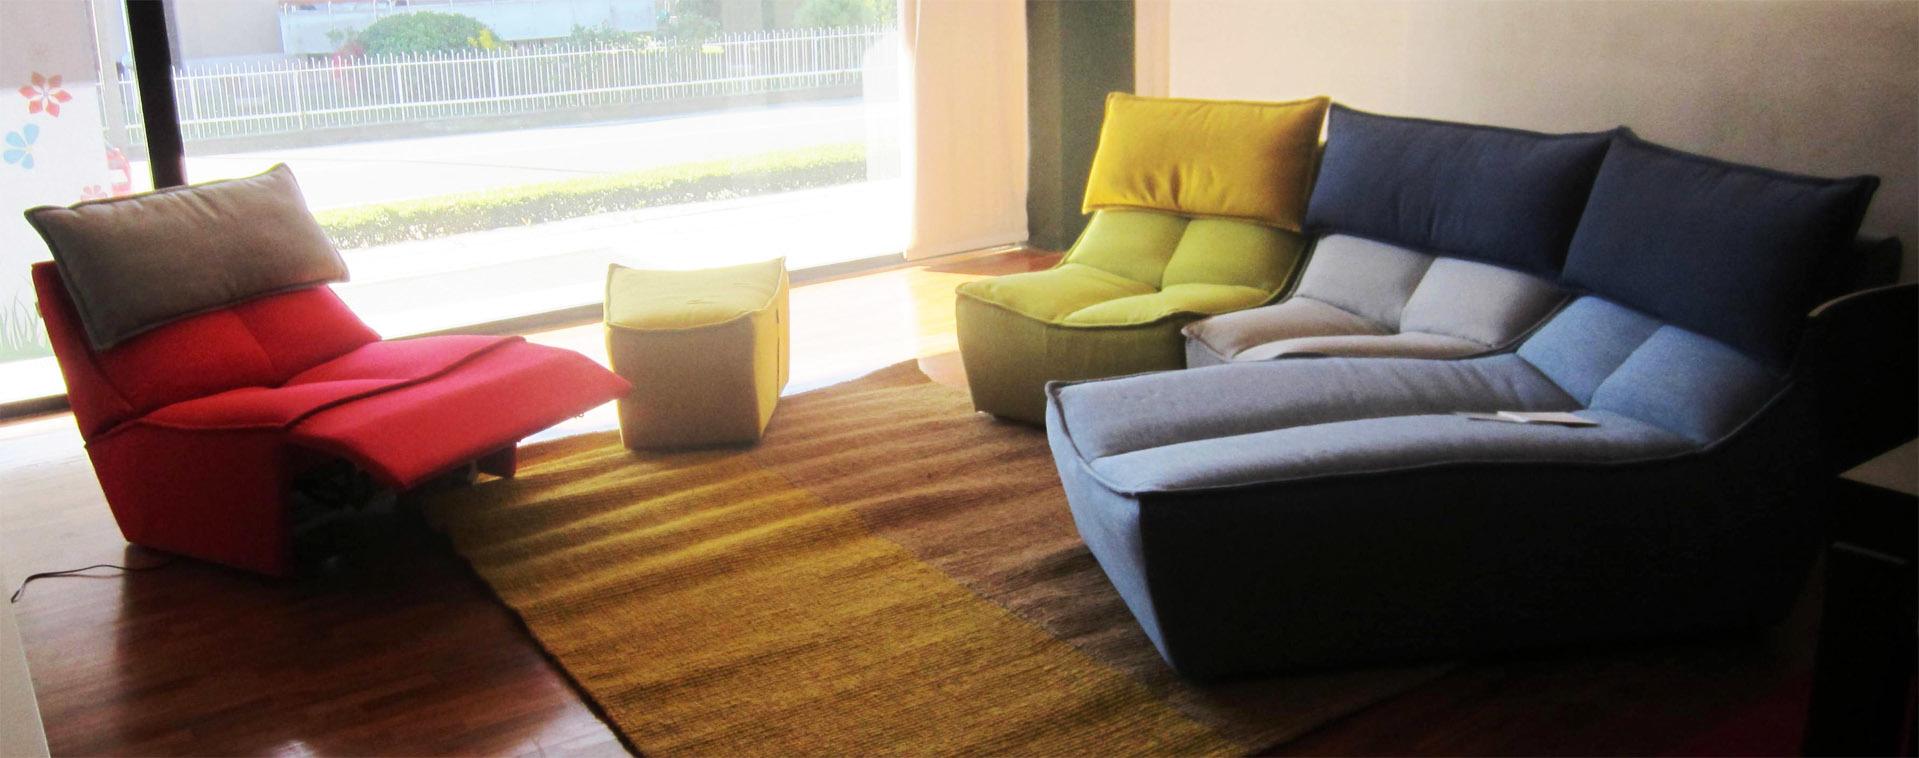 Calia Italia. calia italia romeo leather sofa. divani calia italia ...